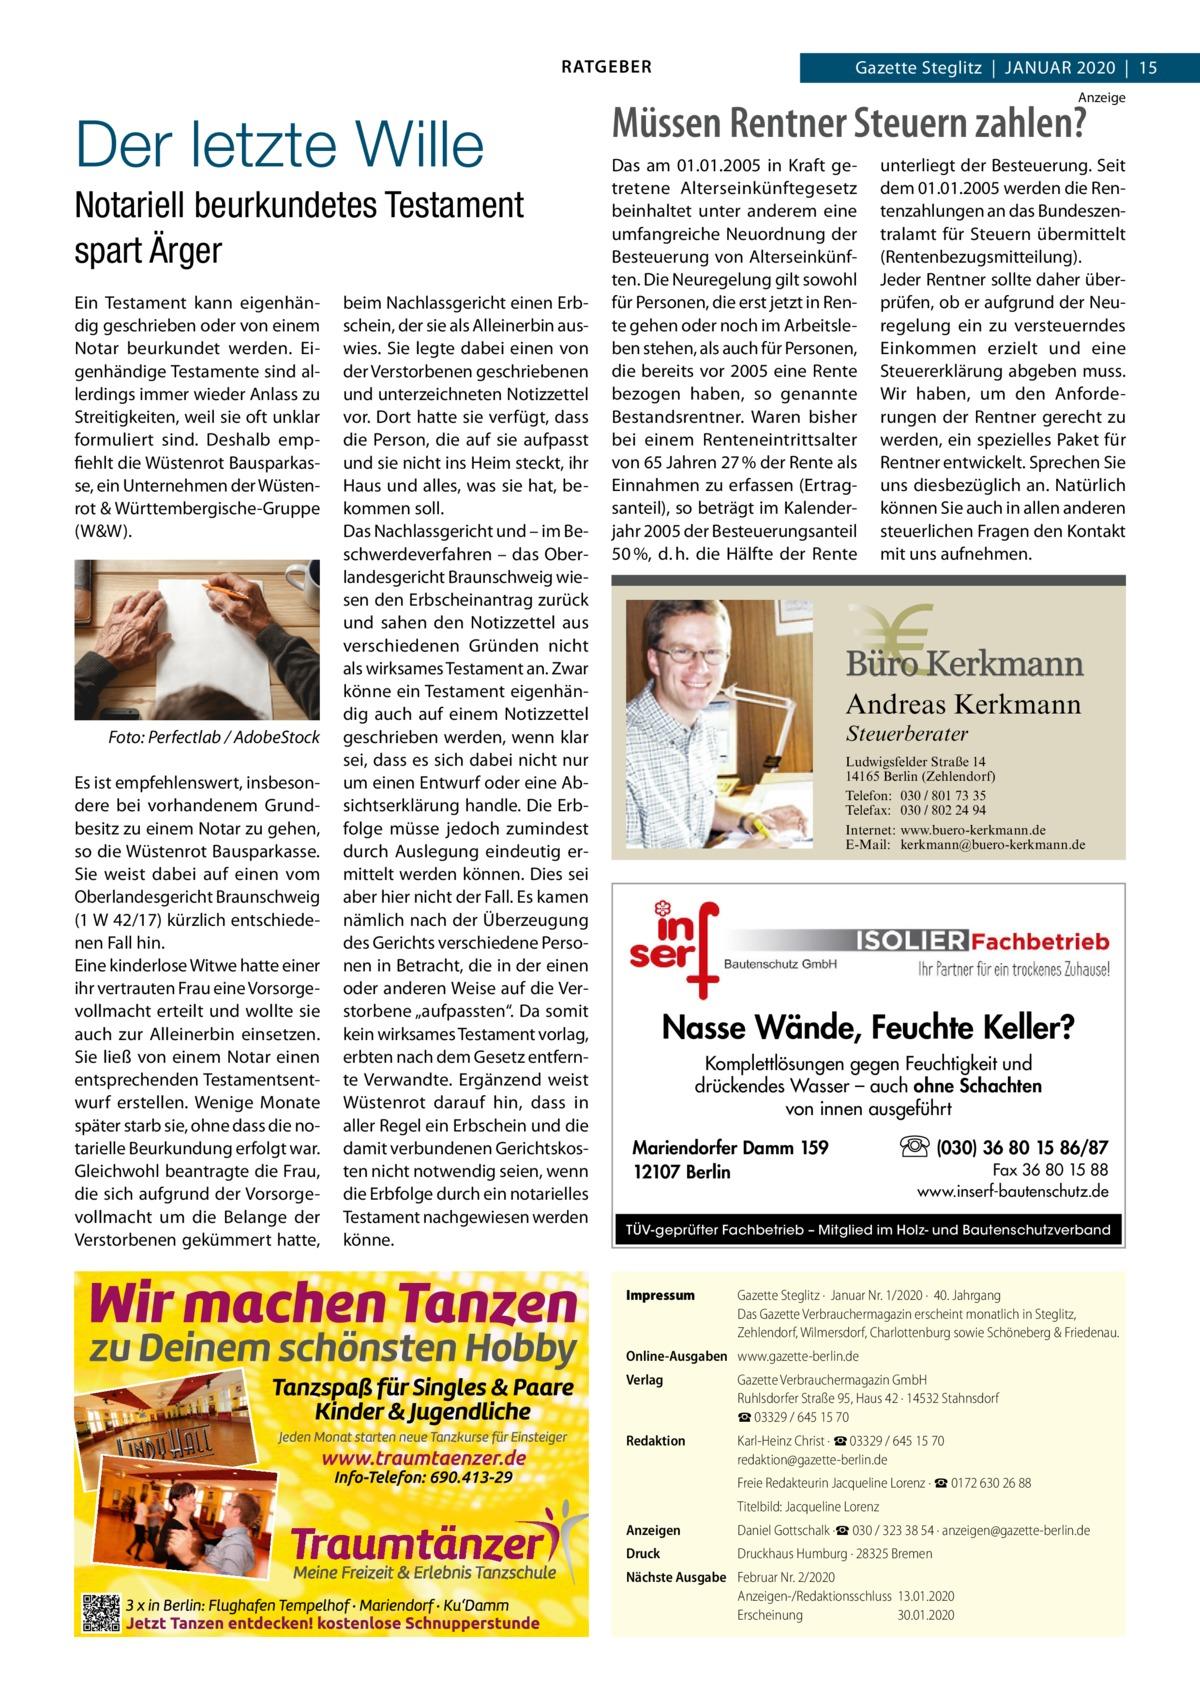 RATGEBER  Der letzte Wille Notariell beurkundetes Testament spart Ärger Ein Testament kann eigenhändig geschrieben oder von einem Notar beurkundet werden. Eigenhändige Testamente sind allerdings immer wieder Anlass zu Streitigkeiten, weil sie oft unklar formuliert sind. Deshalb empfiehlt die Wüstenrot Bausparkasse, ein Unternehmen der Wüstenrot & Württembergische-Gruppe (W&W).  �  Foto: Perfectlab / AdobeStock  Es ist empfehlenswert, insbesondere bei vorhandenem Grundbesitz zu einem Notar zu gehen, so die Wüstenrot Bausparkasse. Sie weist dabei auf einen vom Oberlandesgericht Braunschweig (1W42/17) kürzlich entschiedenen Fall hin. Eine kinderlose Witwe hatte einer ihr vertrauten Frau eine Vorsorgevollmacht erteilt und wollte sie auch zur Alleinerbin einsetzen. Sie ließ von einem Notar einen entsprechenden Testamentsentwurf erstellen. Wenige Monate später starb sie, ohne dass die notarielle Beurkundung erfolgt war. Gleichwohl beantragte die Frau, die sich aufgrund der Vorsorgevollmacht um die Belange der Verstorbenen gekümmert hatte,  beim Nachlassgericht einen Erbschein, der sie als Alleinerbin auswies. Sie legte dabei einen von der Verstorbenen geschriebenen und unterzeichneten Notizzettel vor. Dort hatte sie verfügt, dass die Person, die auf sie aufpasst und sie nicht ins Heim steckt, ihr Haus und alles, was sie hat, bekommen soll. Das Nachlassgericht und – im Beschwerdeverfahren – das Oberlandesgericht Braunschweig wiesen den Erbscheinantrag zurück und sahen den Notizzettel aus verschiedenen Gründen nicht als wirksames Testament an. Zwar könne ein Testament eigenhändig auch auf einem Notizzettel geschrieben werden, wenn klar sei, dass es sich dabei nicht nur um einen Entwurf oder eine Absichtserklärung handle. Die Erbfolge müsse jedoch zumindest durch Auslegung eindeutig ermittelt werden können. Dies sei aber hier nicht der Fall. Es kamen nämlich nach der Überzeugung des Gerichts verschiedene Personen in Betracht, die in der einen oder anderen Weise auf die Verst